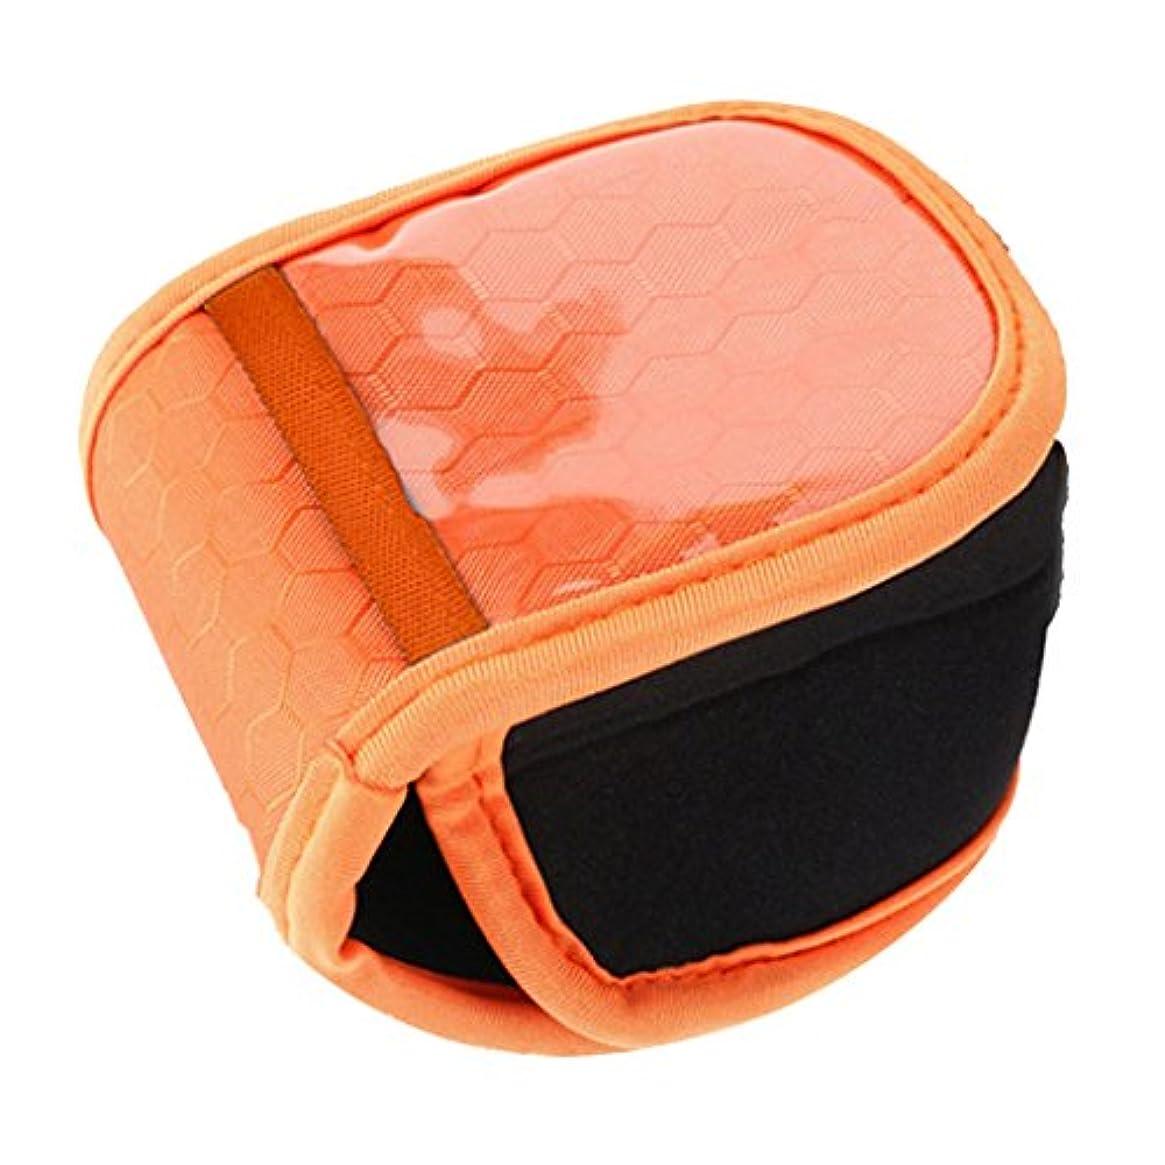 ドルペデスタル兵器庫Sharplace 釣りリールケース 保護ポーチ リールカバー リールバッグ 耐摩耗性 ラインポケット付き